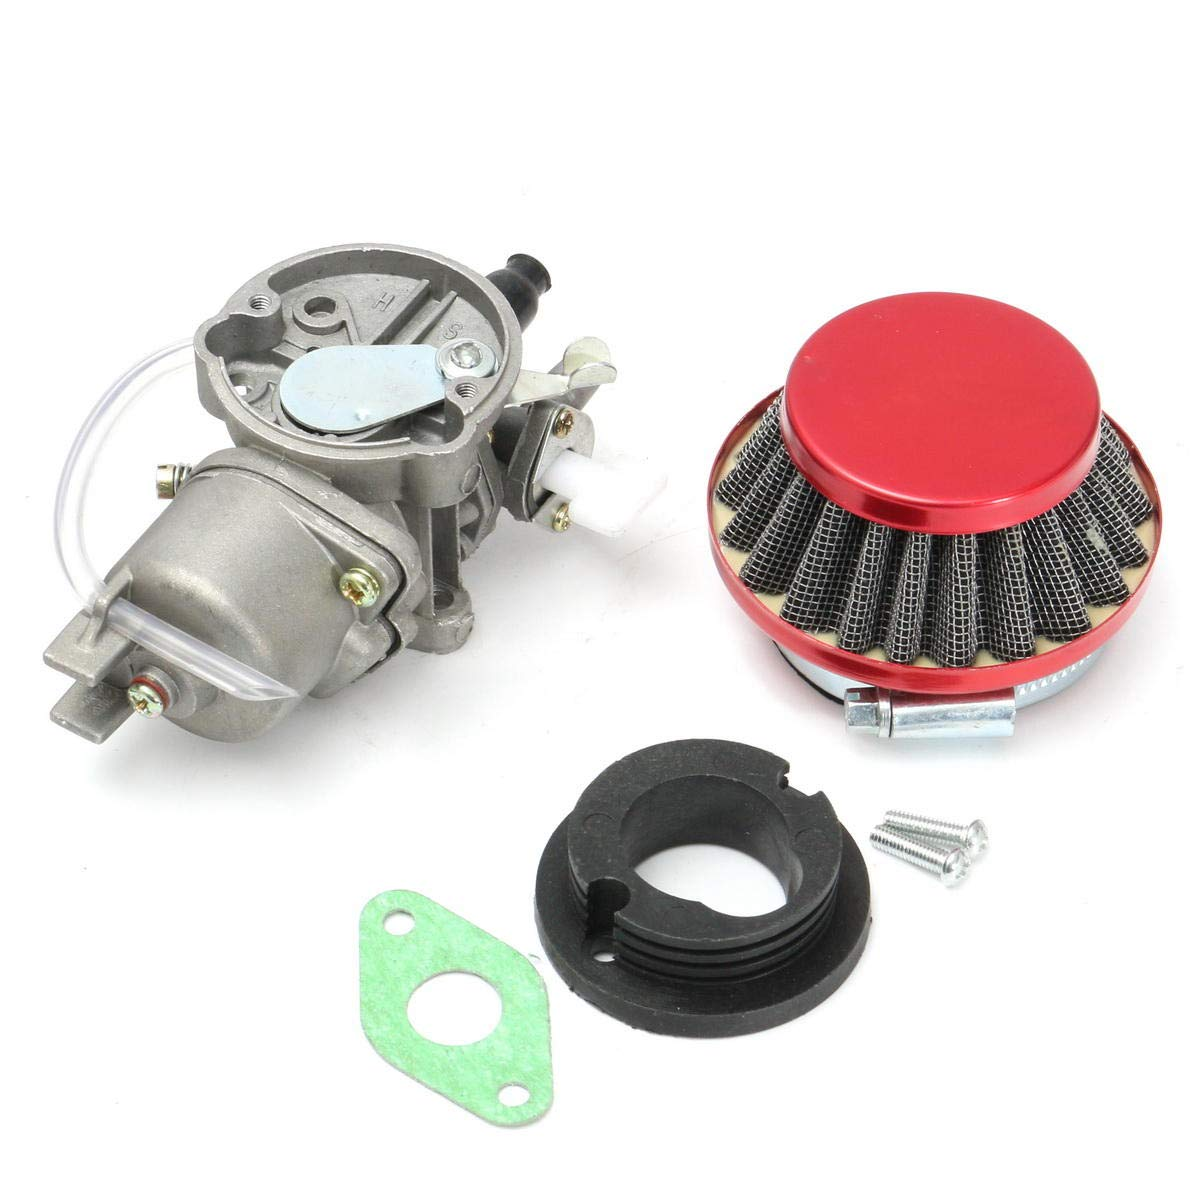 Performance Carburetor Carb Air Filter Kit 47cc 49cc Pocket Mini Bike